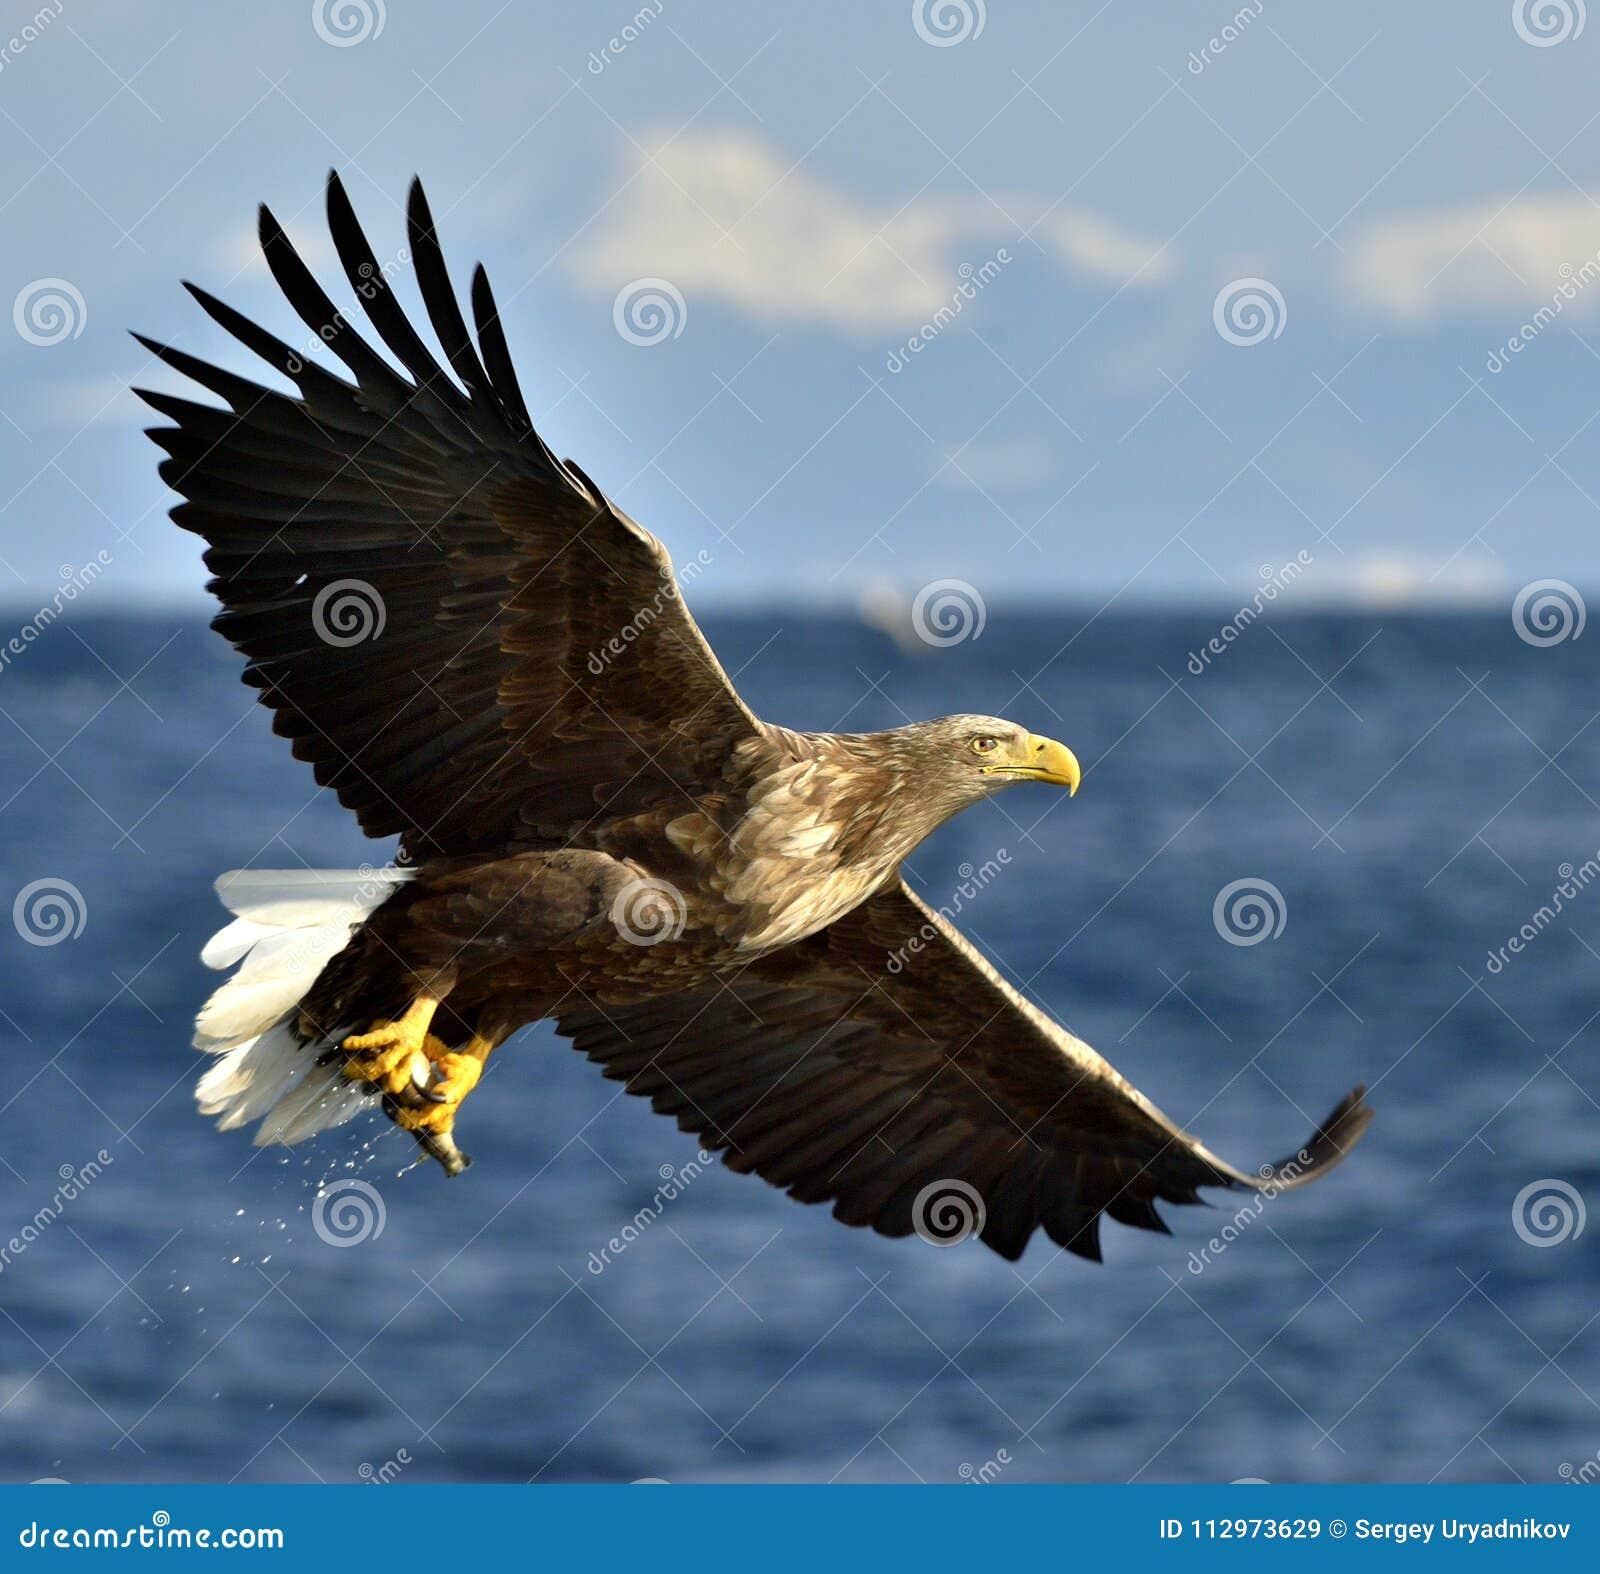 Erwachsener Seeadler im Flug Wissenschaftlicher Name: Haliaeetus albicilla, alias das ERN, erne, grauer Adler, eurasisches Meer